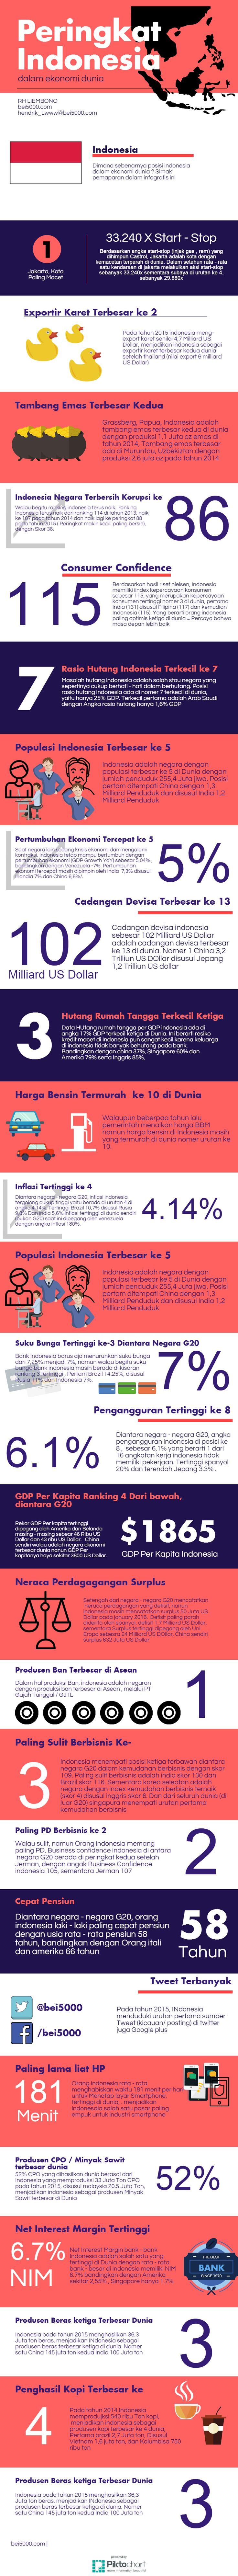 Peringkat indonesia dalam ekonomi dunia http://bei5000.com/master/2016/02/20/27-posisi-indonesia-dalam-ekonomi-dunia/